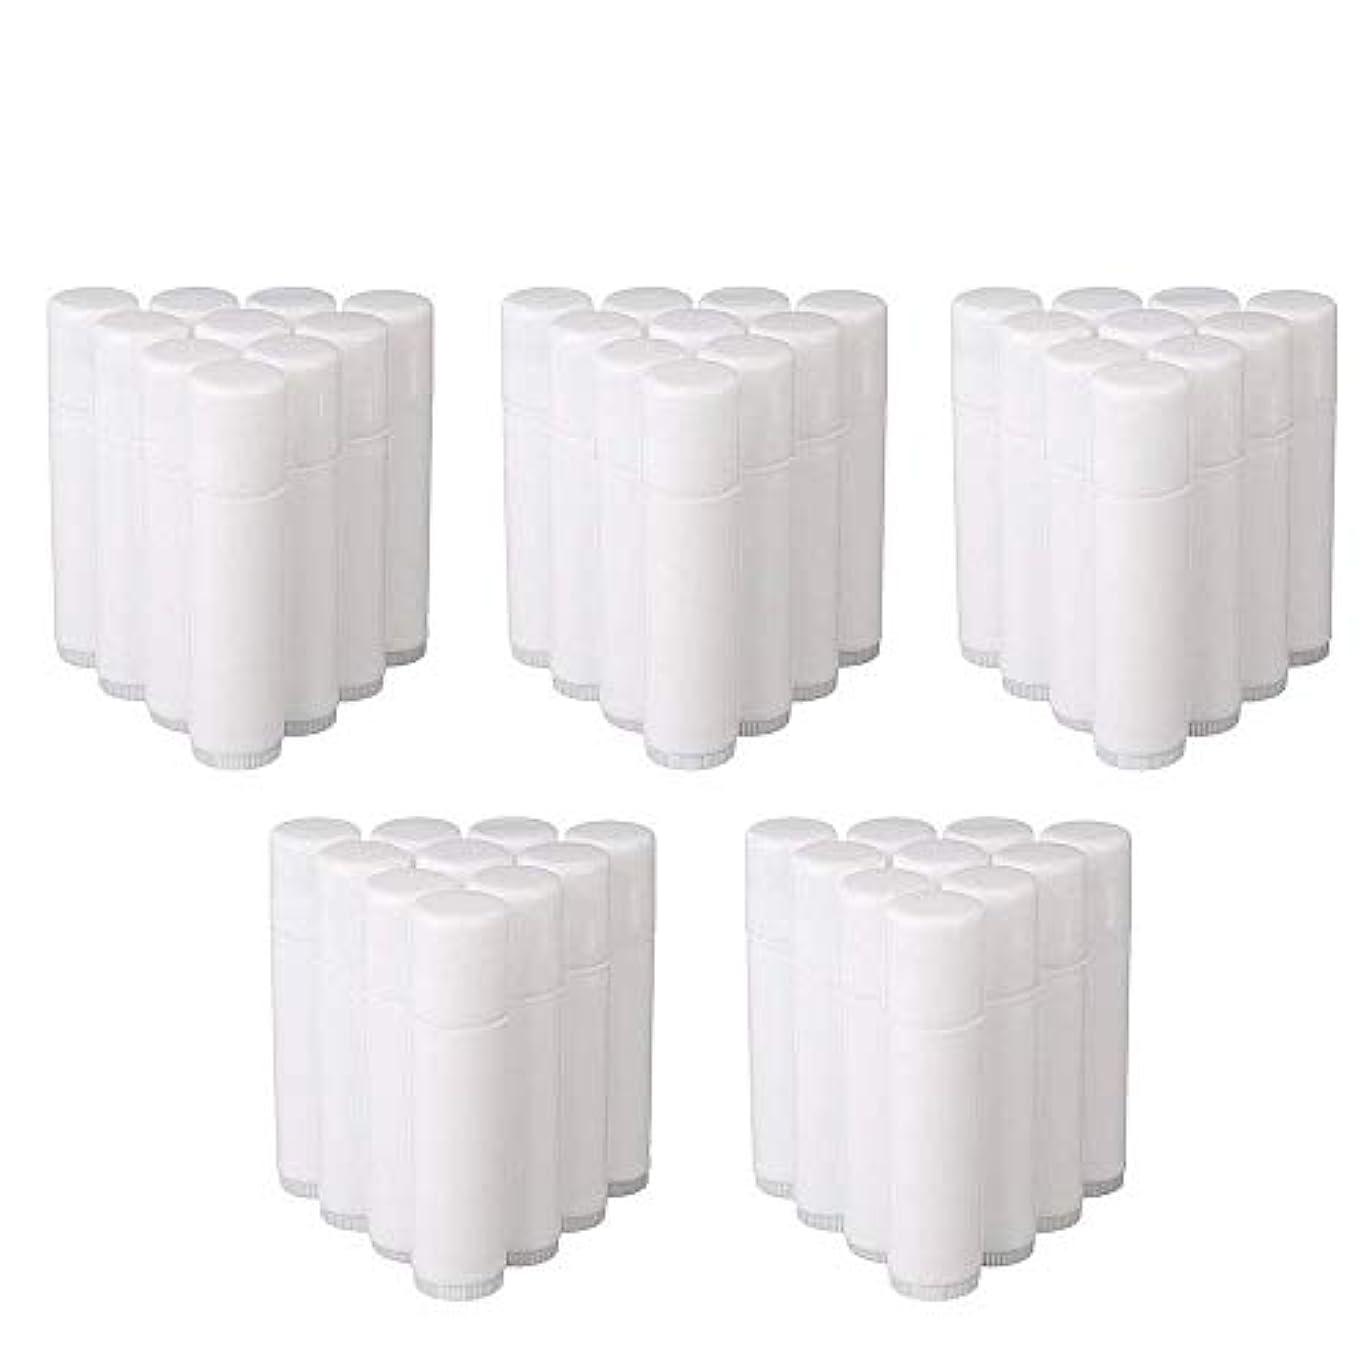 矛盾する援助一時的COOLBOTANG リップバームチューブ リップクリーム 繰り出し ホワイト 手作りコスメ 手作り化粧品/リップクリーム 50個 5g ミニ 詰め替え容器